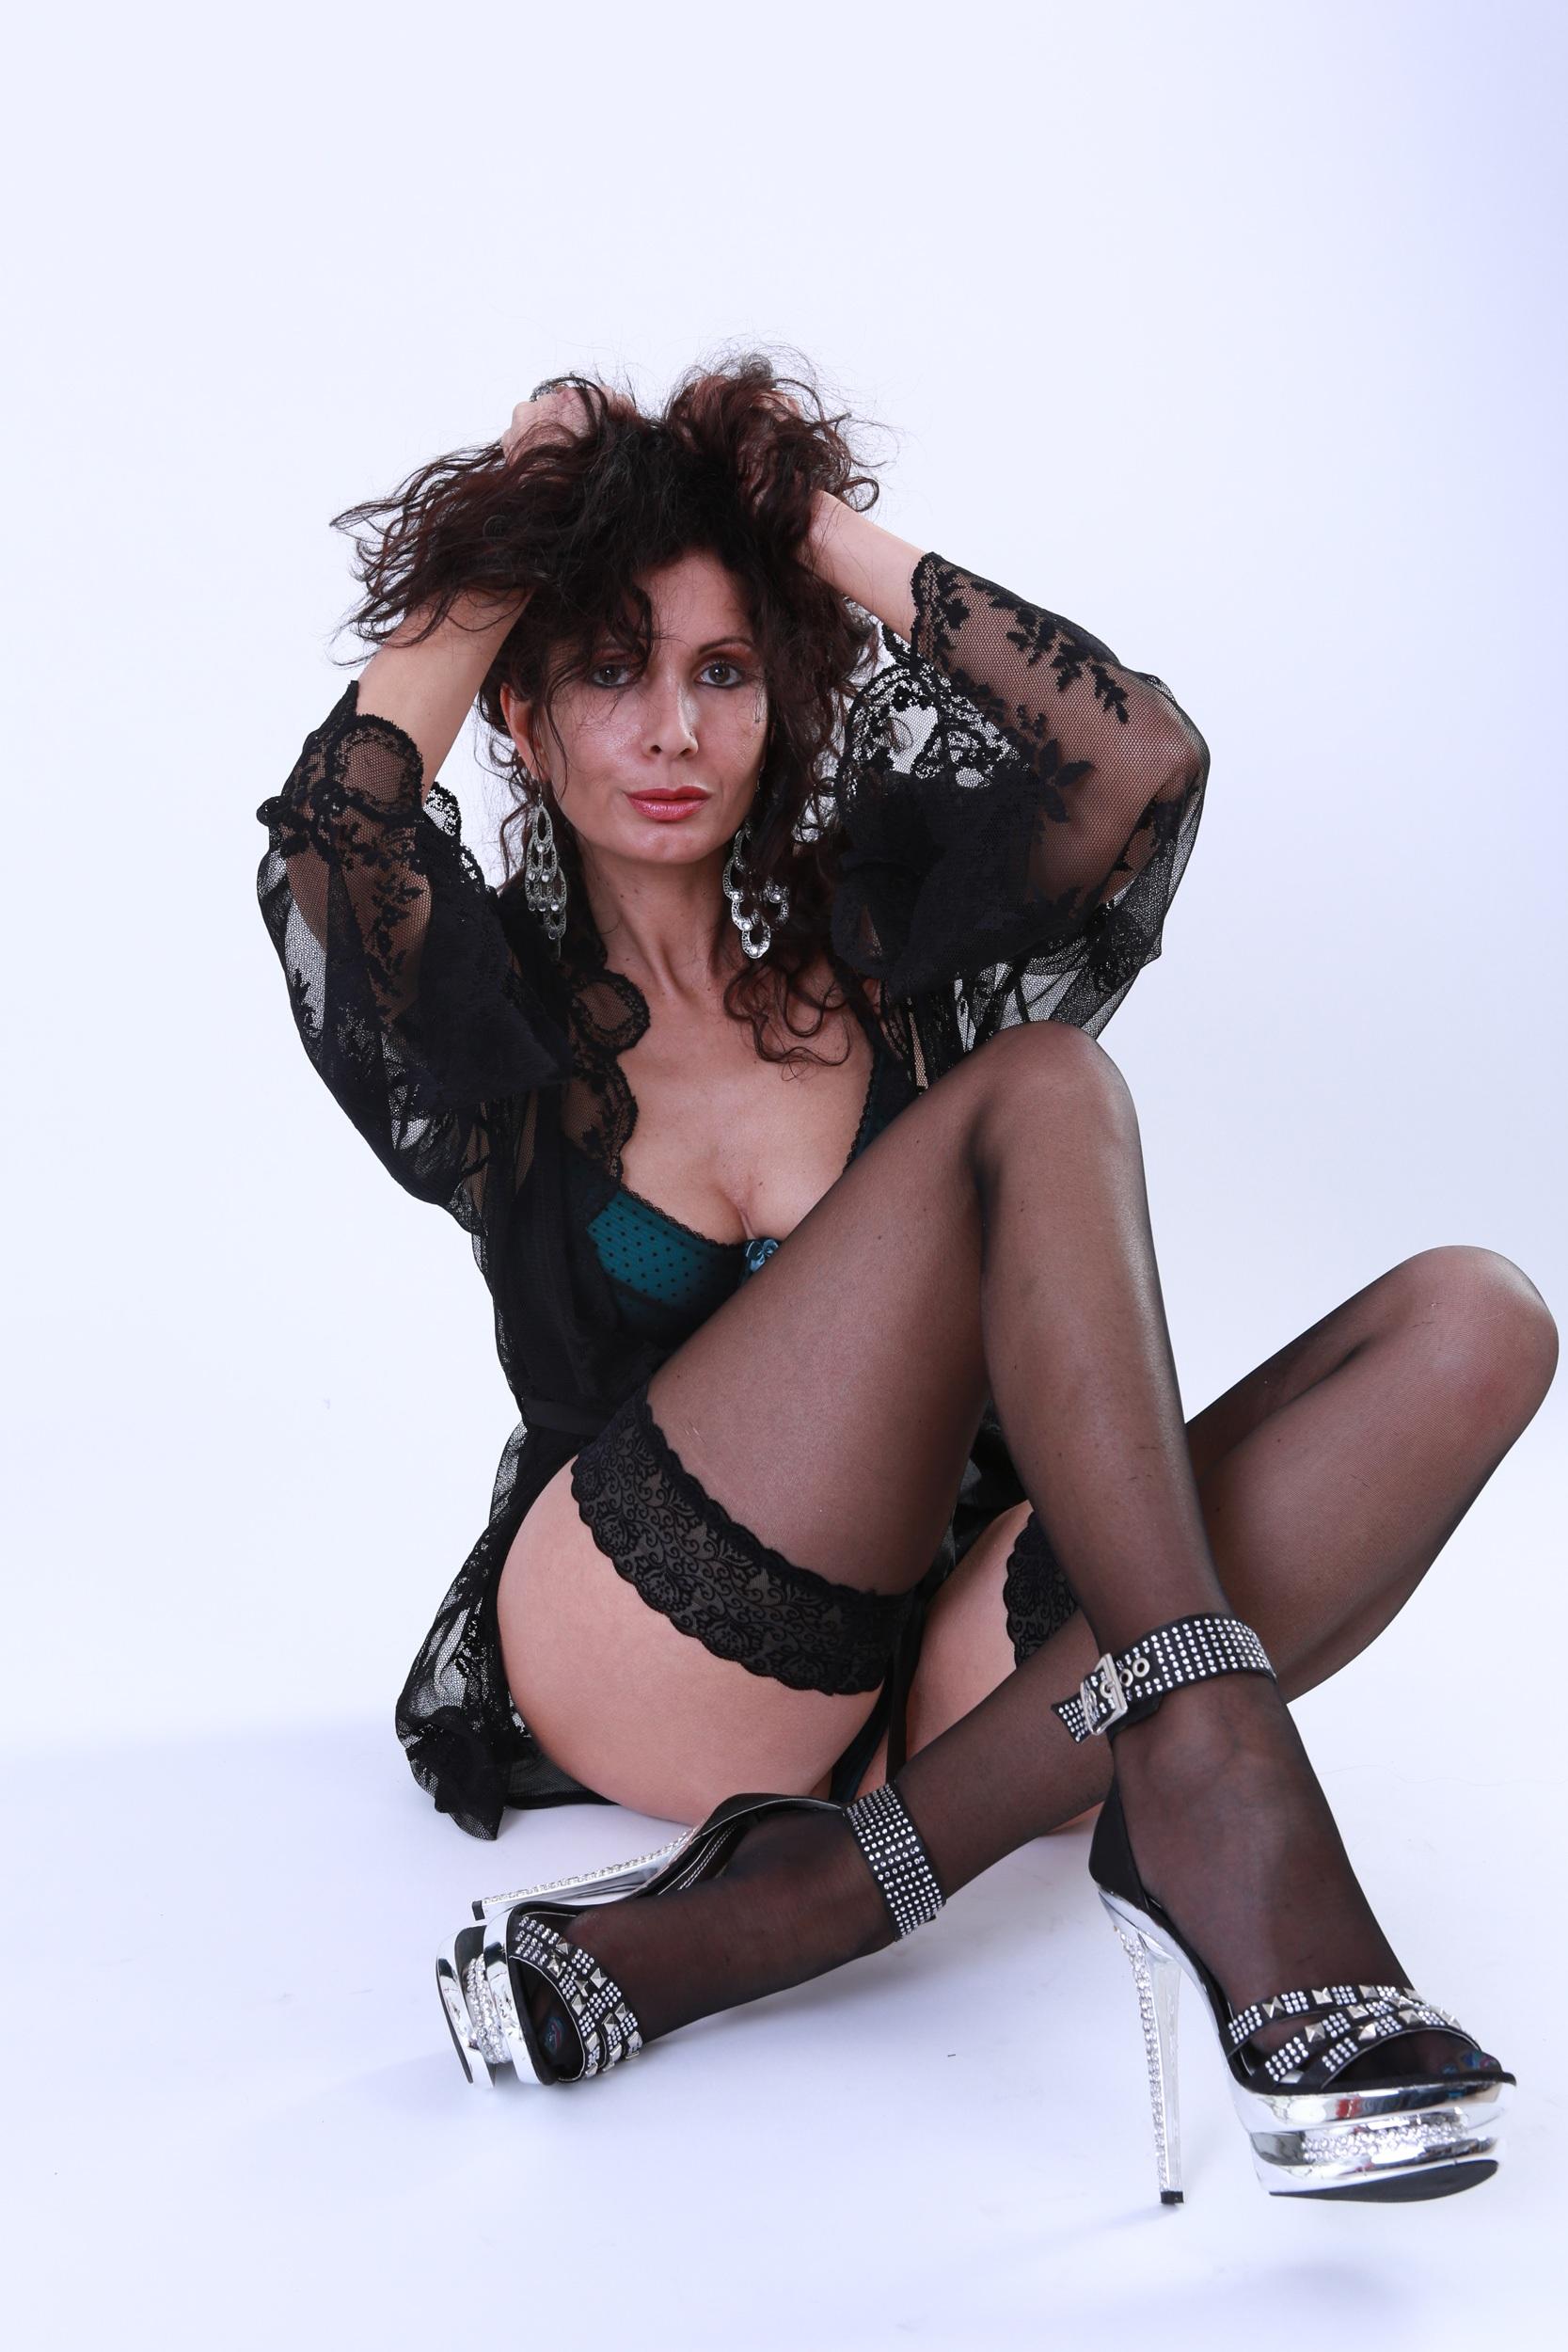 erotisk bilde sexy undertøy dame